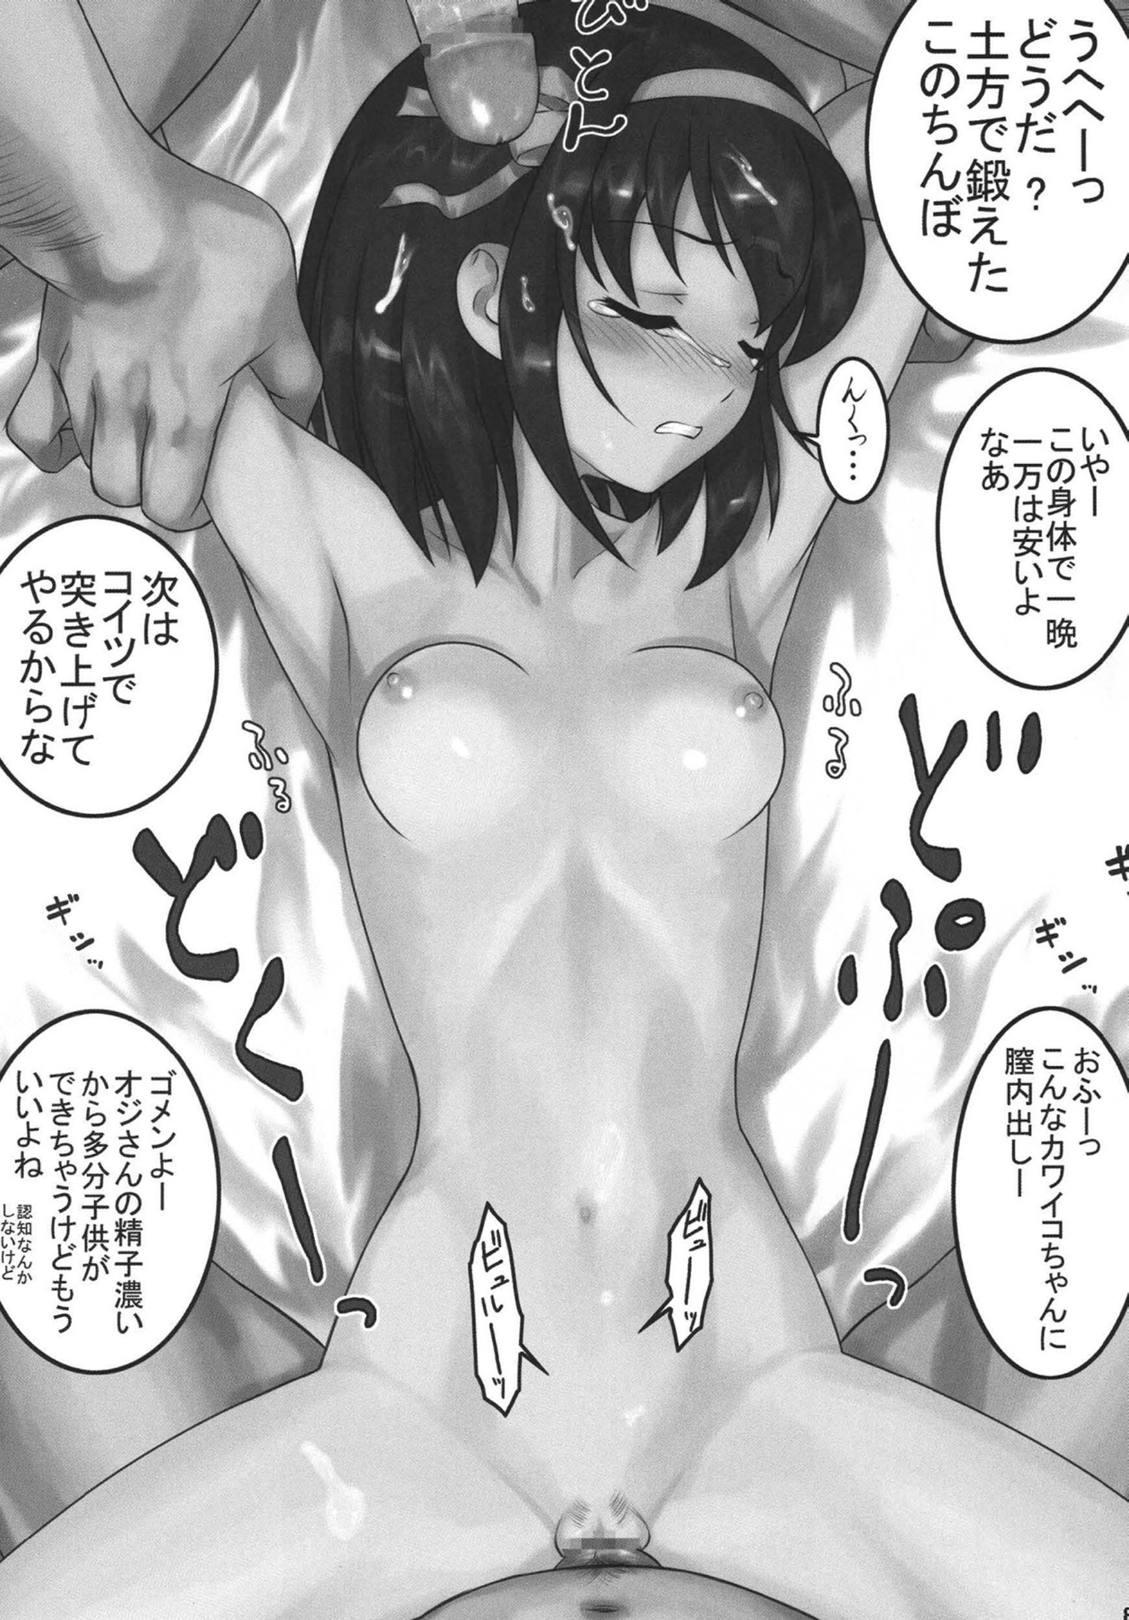 Tsundere Tamashii 7